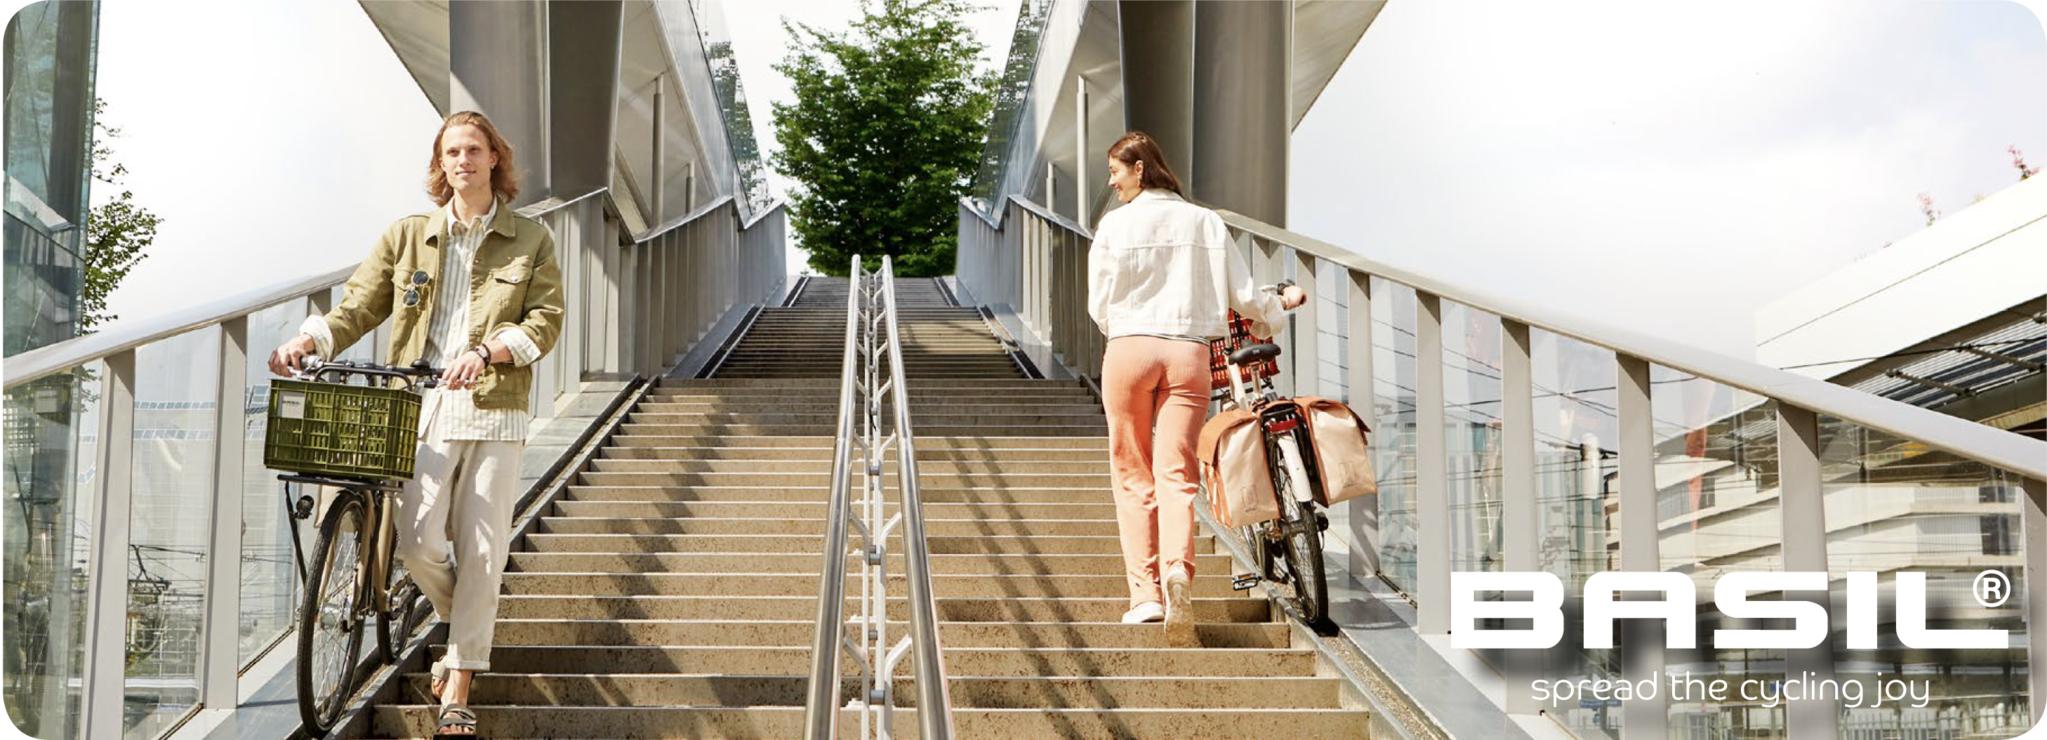 Back to school: fiets jij het nieuwe schooljaar tegemoet?